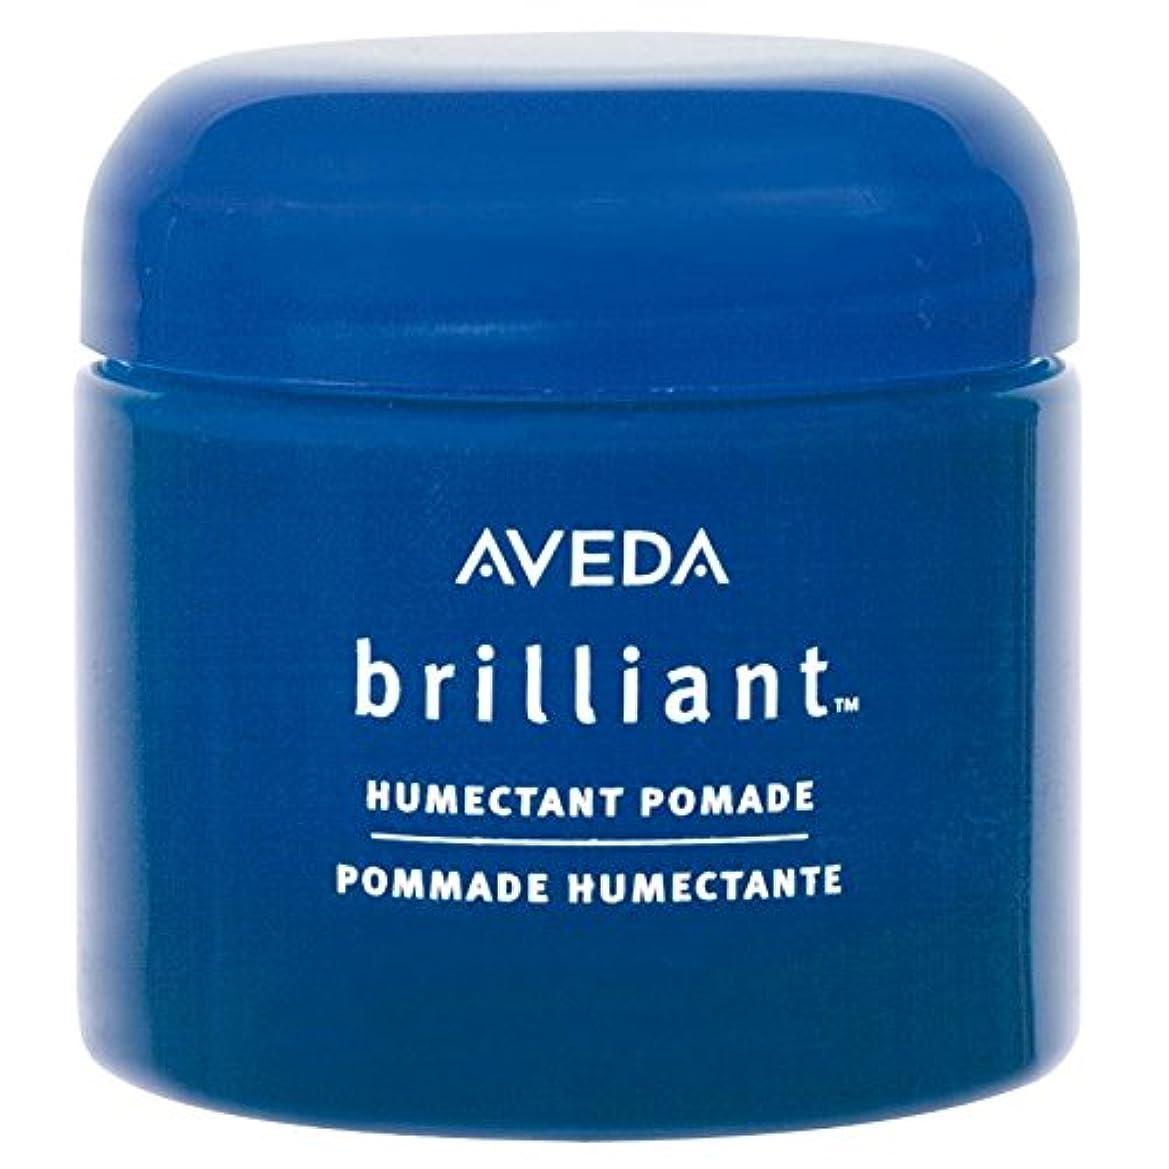 大事にするモスク寛容[AVEDA] アヴェダ華麗な保湿剤のポマードの75ミリリットル - Aveda Brilliant Humectant Pomade 75ml [並行輸入品]